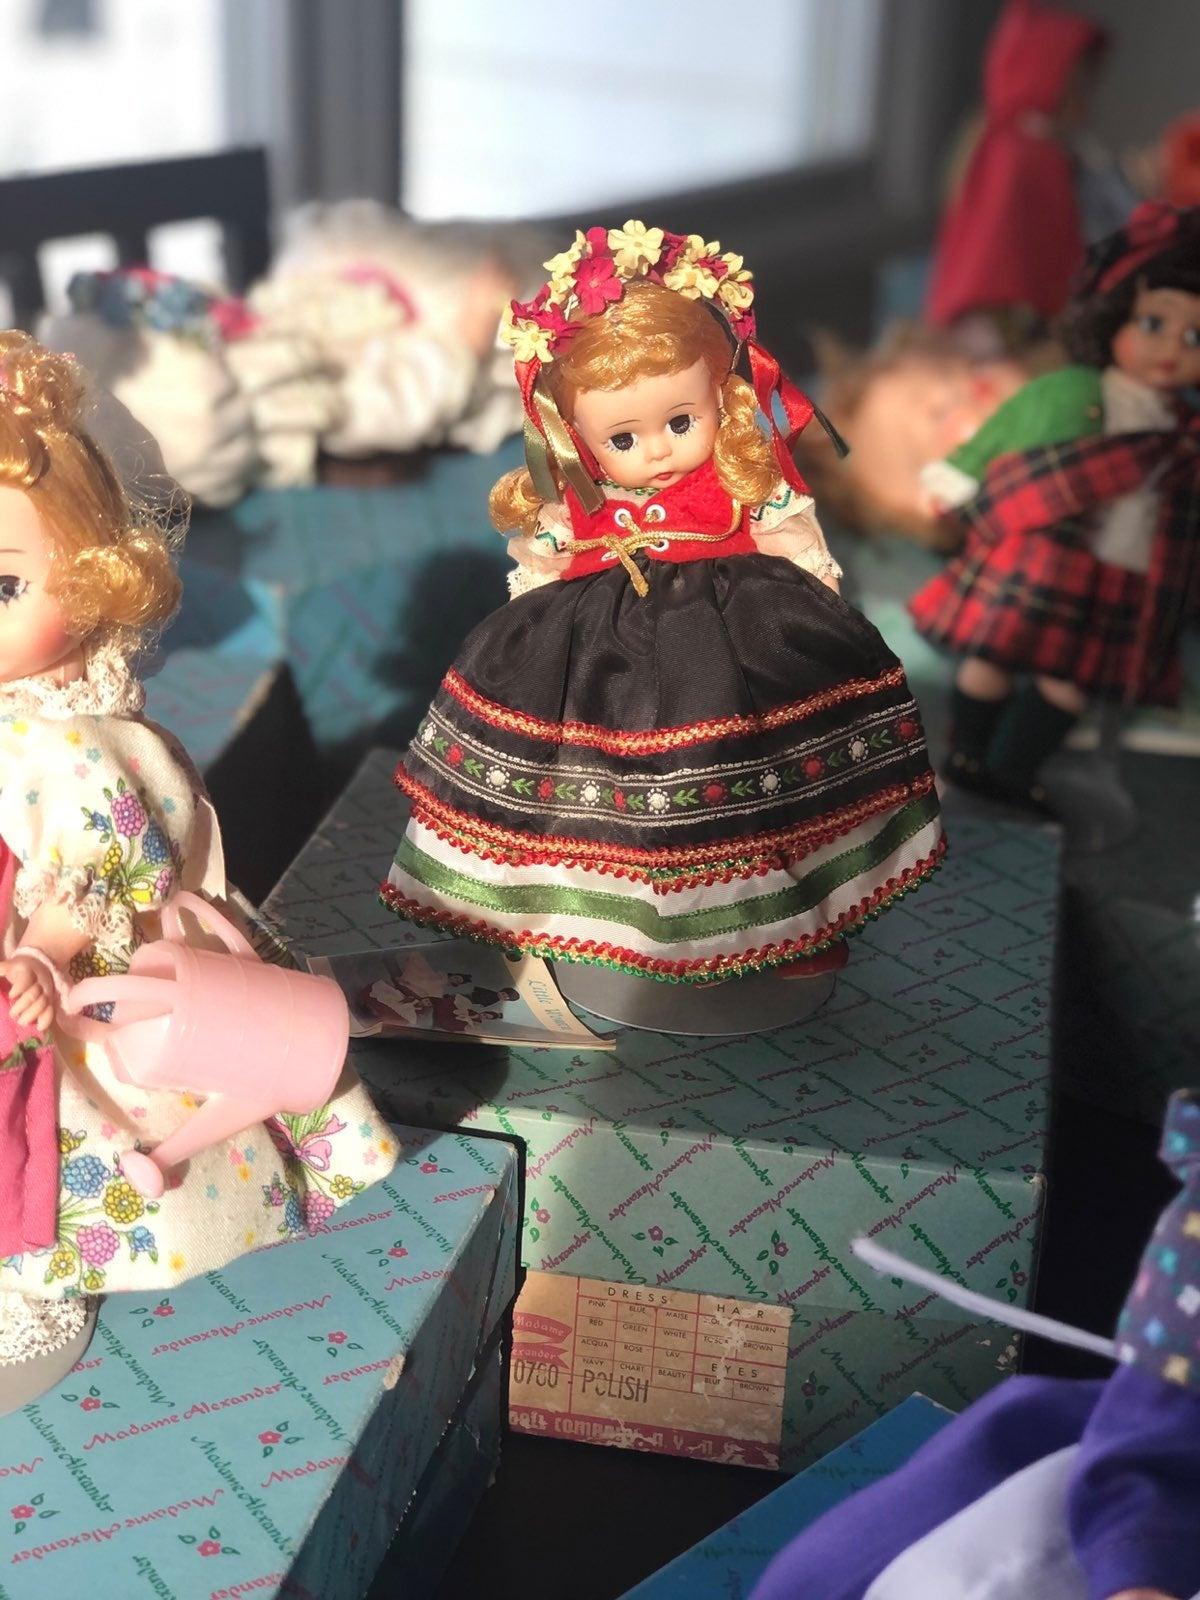 Vintage Madame Alexander Dolls